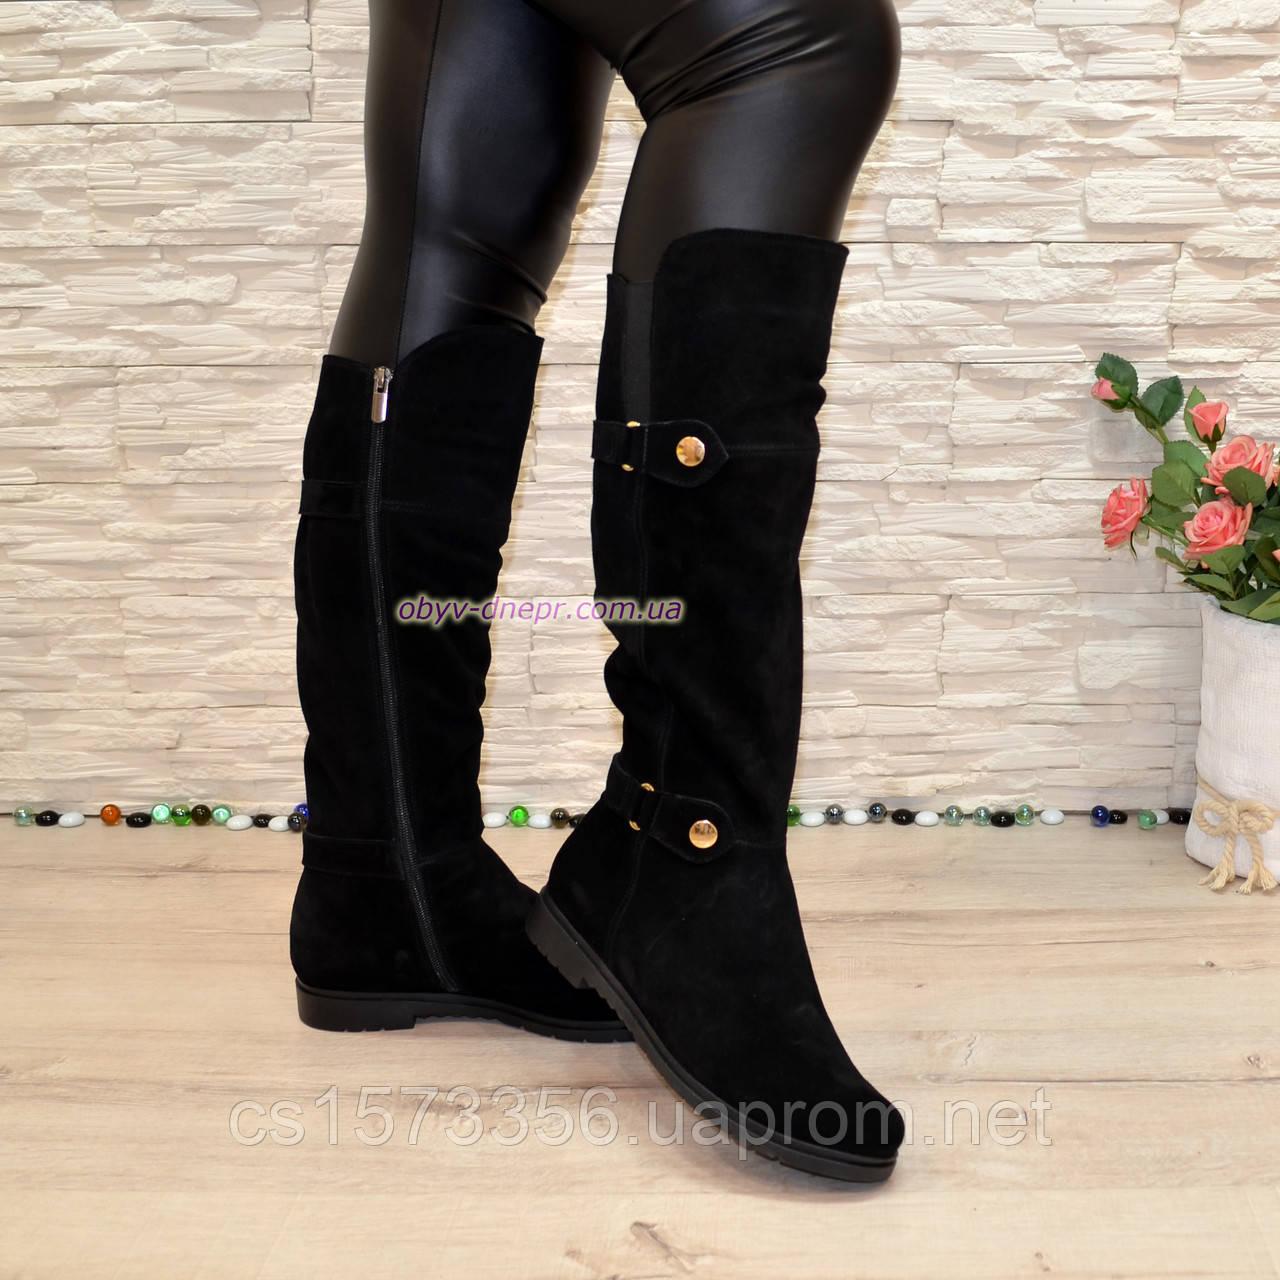 Замшевые черные женские сапоги на низком ходу. Демисезон.